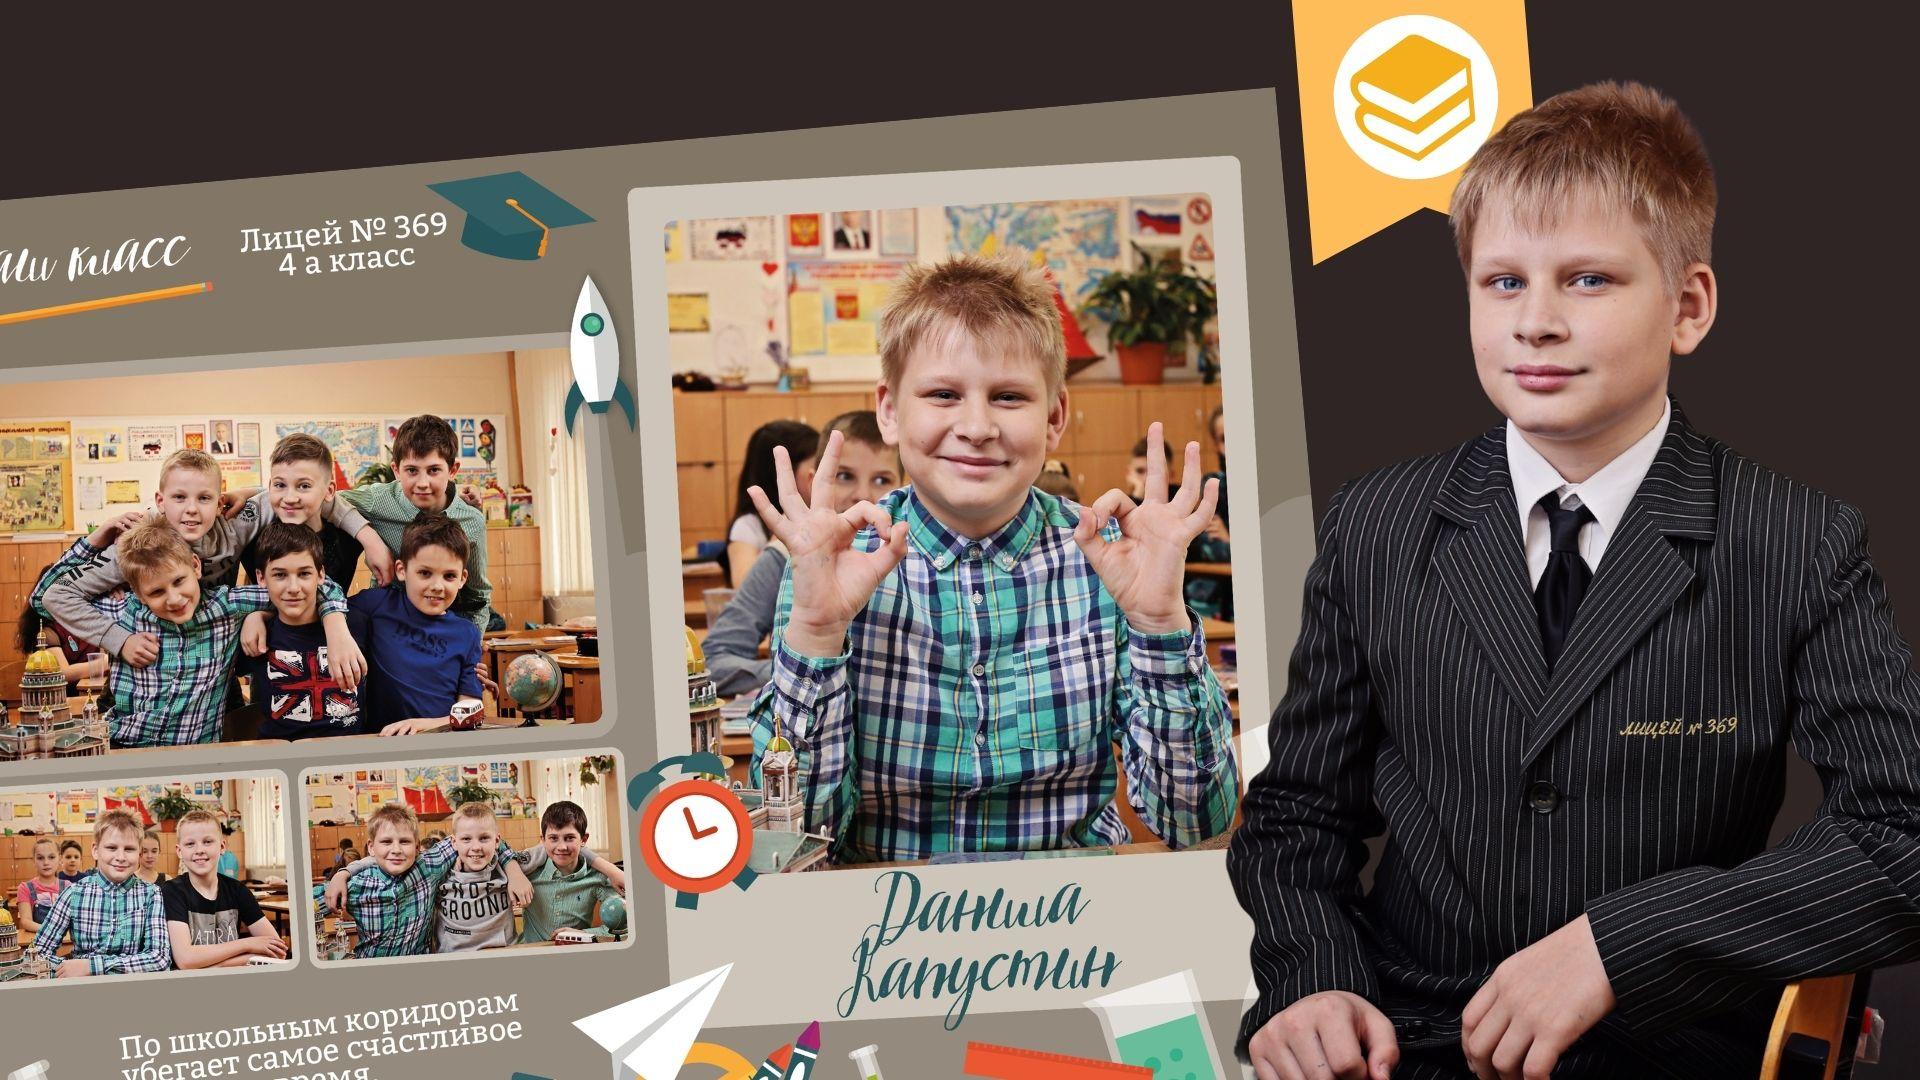 Выпускной альбом для 4 класса школы на макете Космос форева